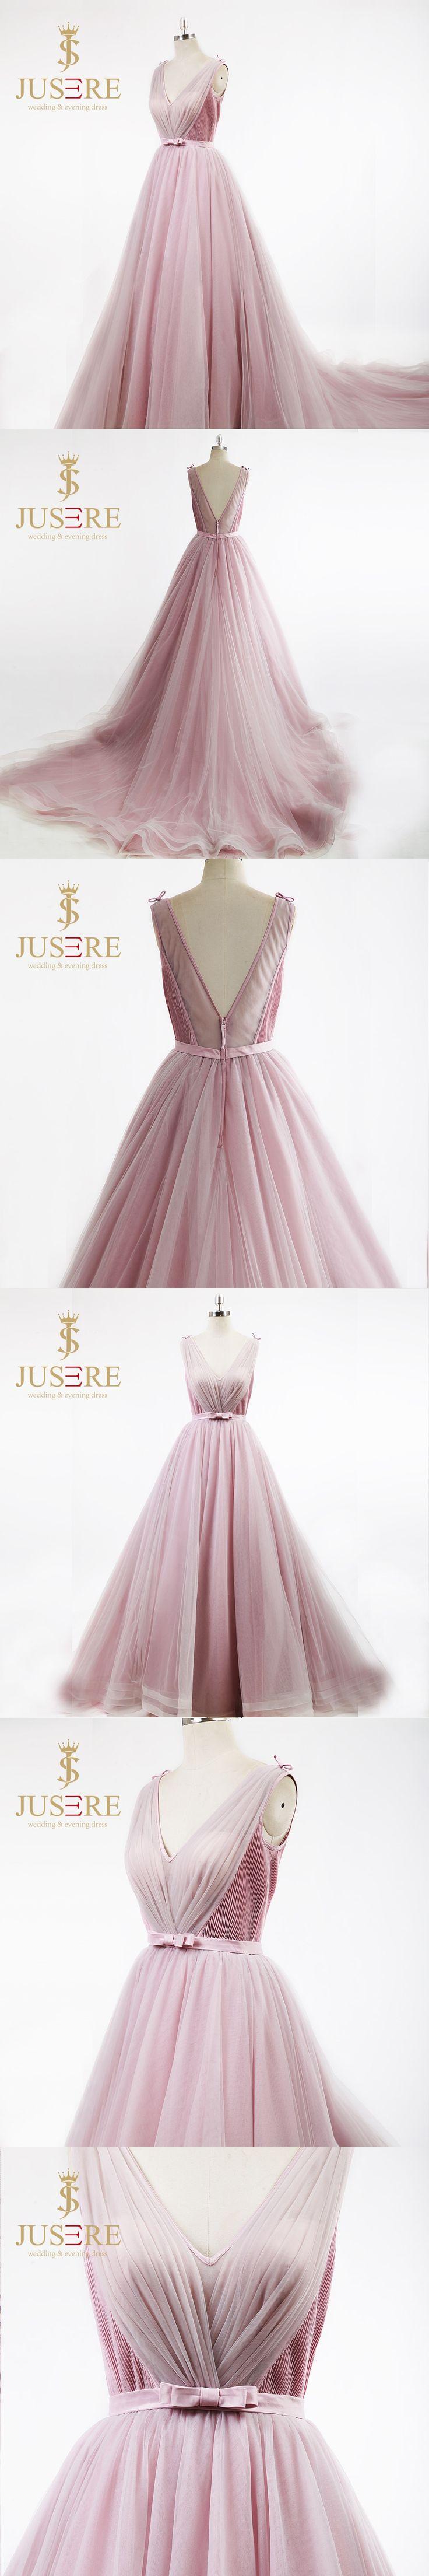 Jusere V neck Sleeveless Backless Court Train Pleat Skirt Lovely Girl Bow Knot Belt Light Pink Simple Design Prom Dress 2018